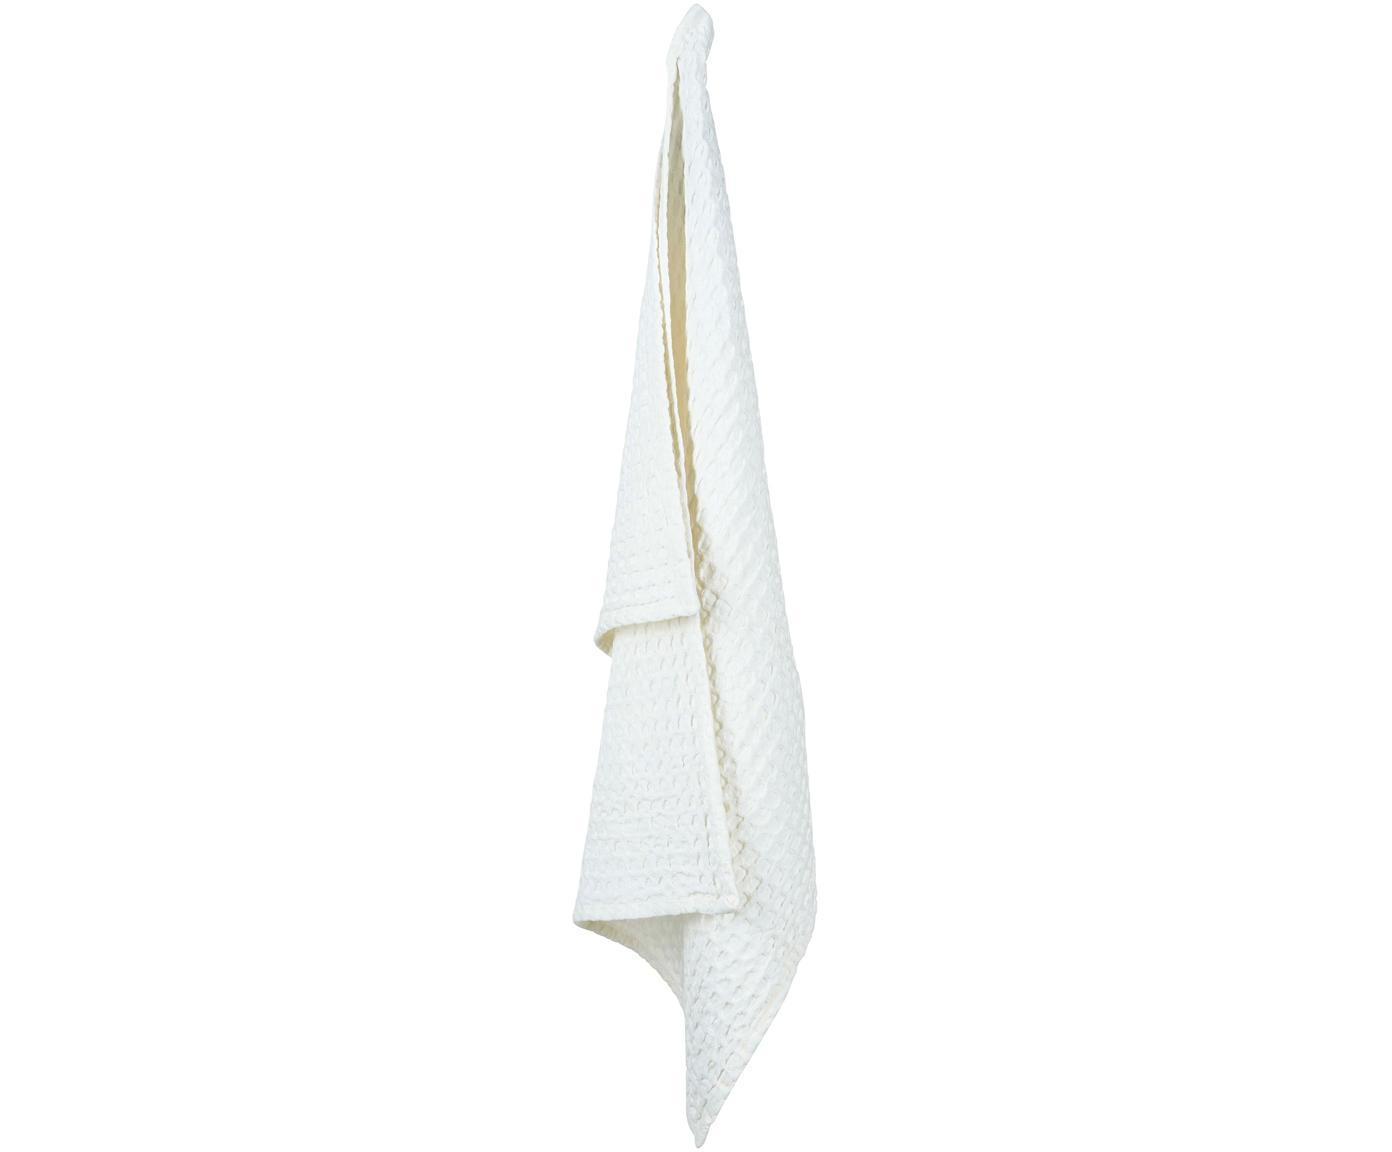 Ręcznik kuchenny z piki Wanda, 2 szt., Bawełna organiczna, Biały, S 50 x D 70 cm